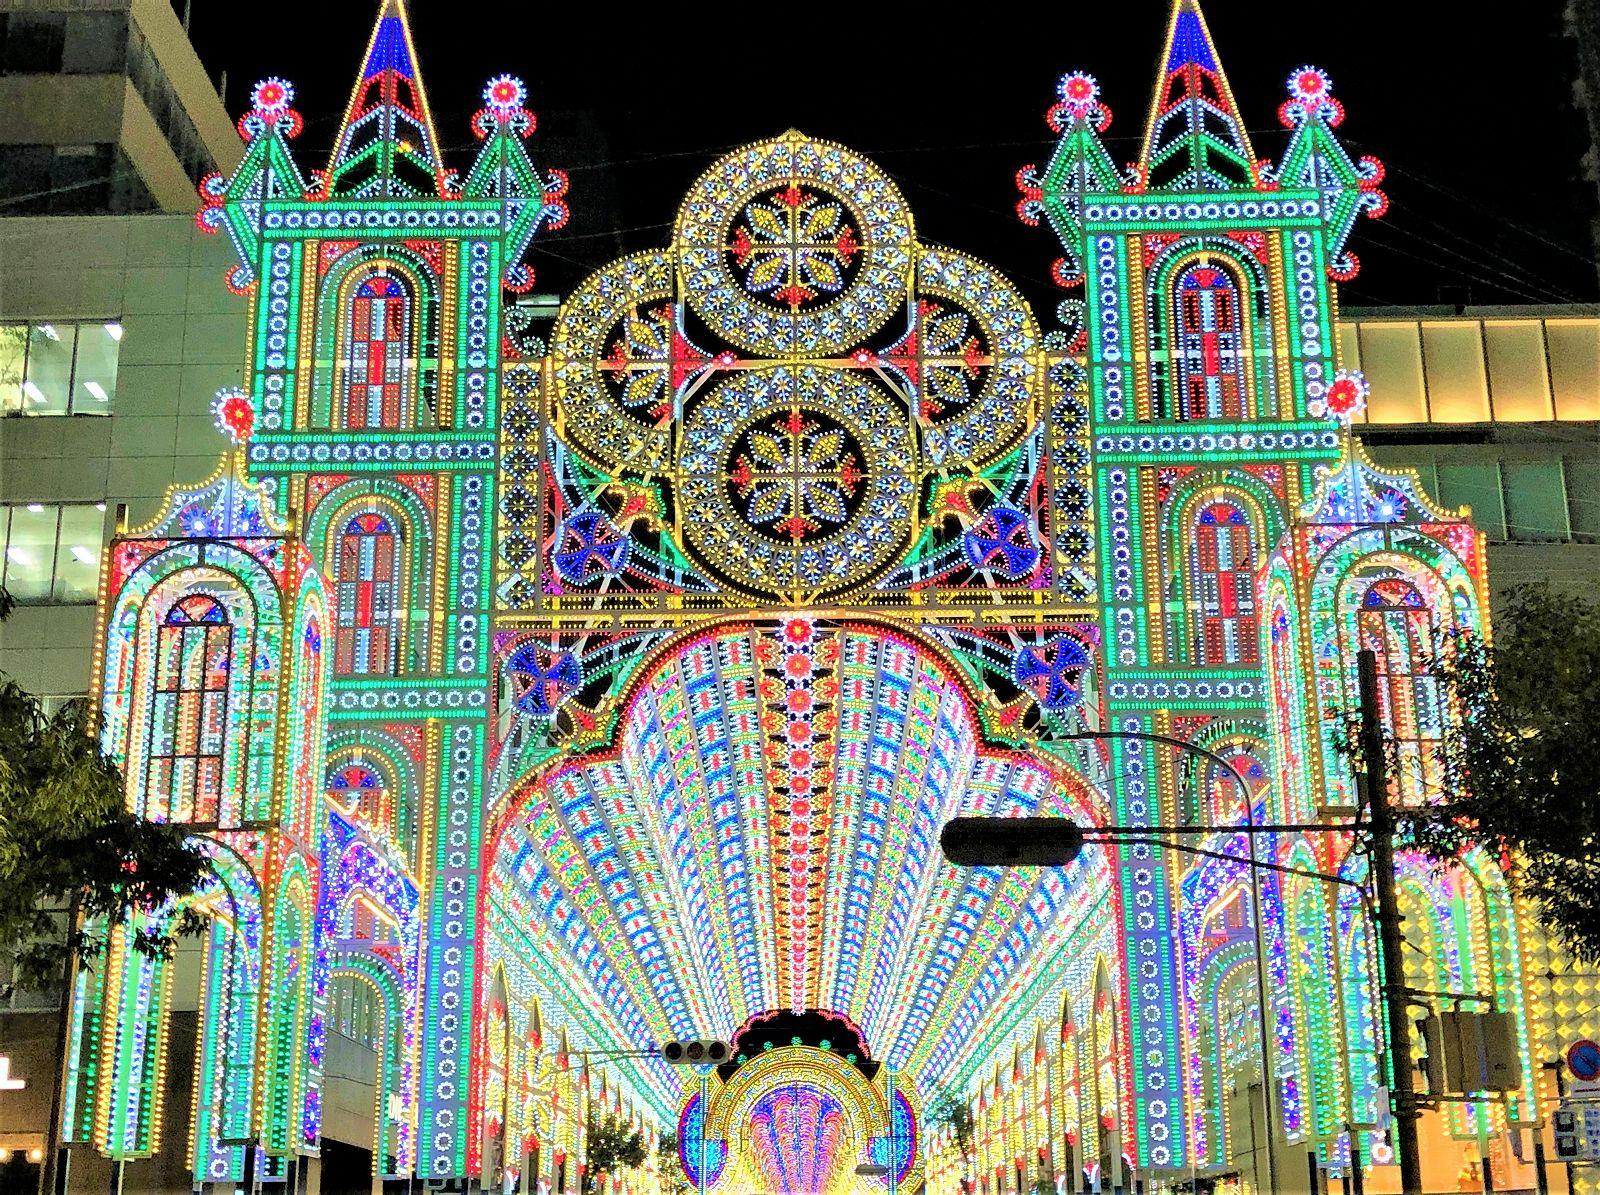 「神戸ルミナリエ2018」輝く光の回廊の下を歩いてきた!開催期間は12月16日(日)まで。 #神戸ルミナリエ #旧居留地 #神戸観光 #ルミナリエ #東遊園地 #神戸 #阪神淡路大震災